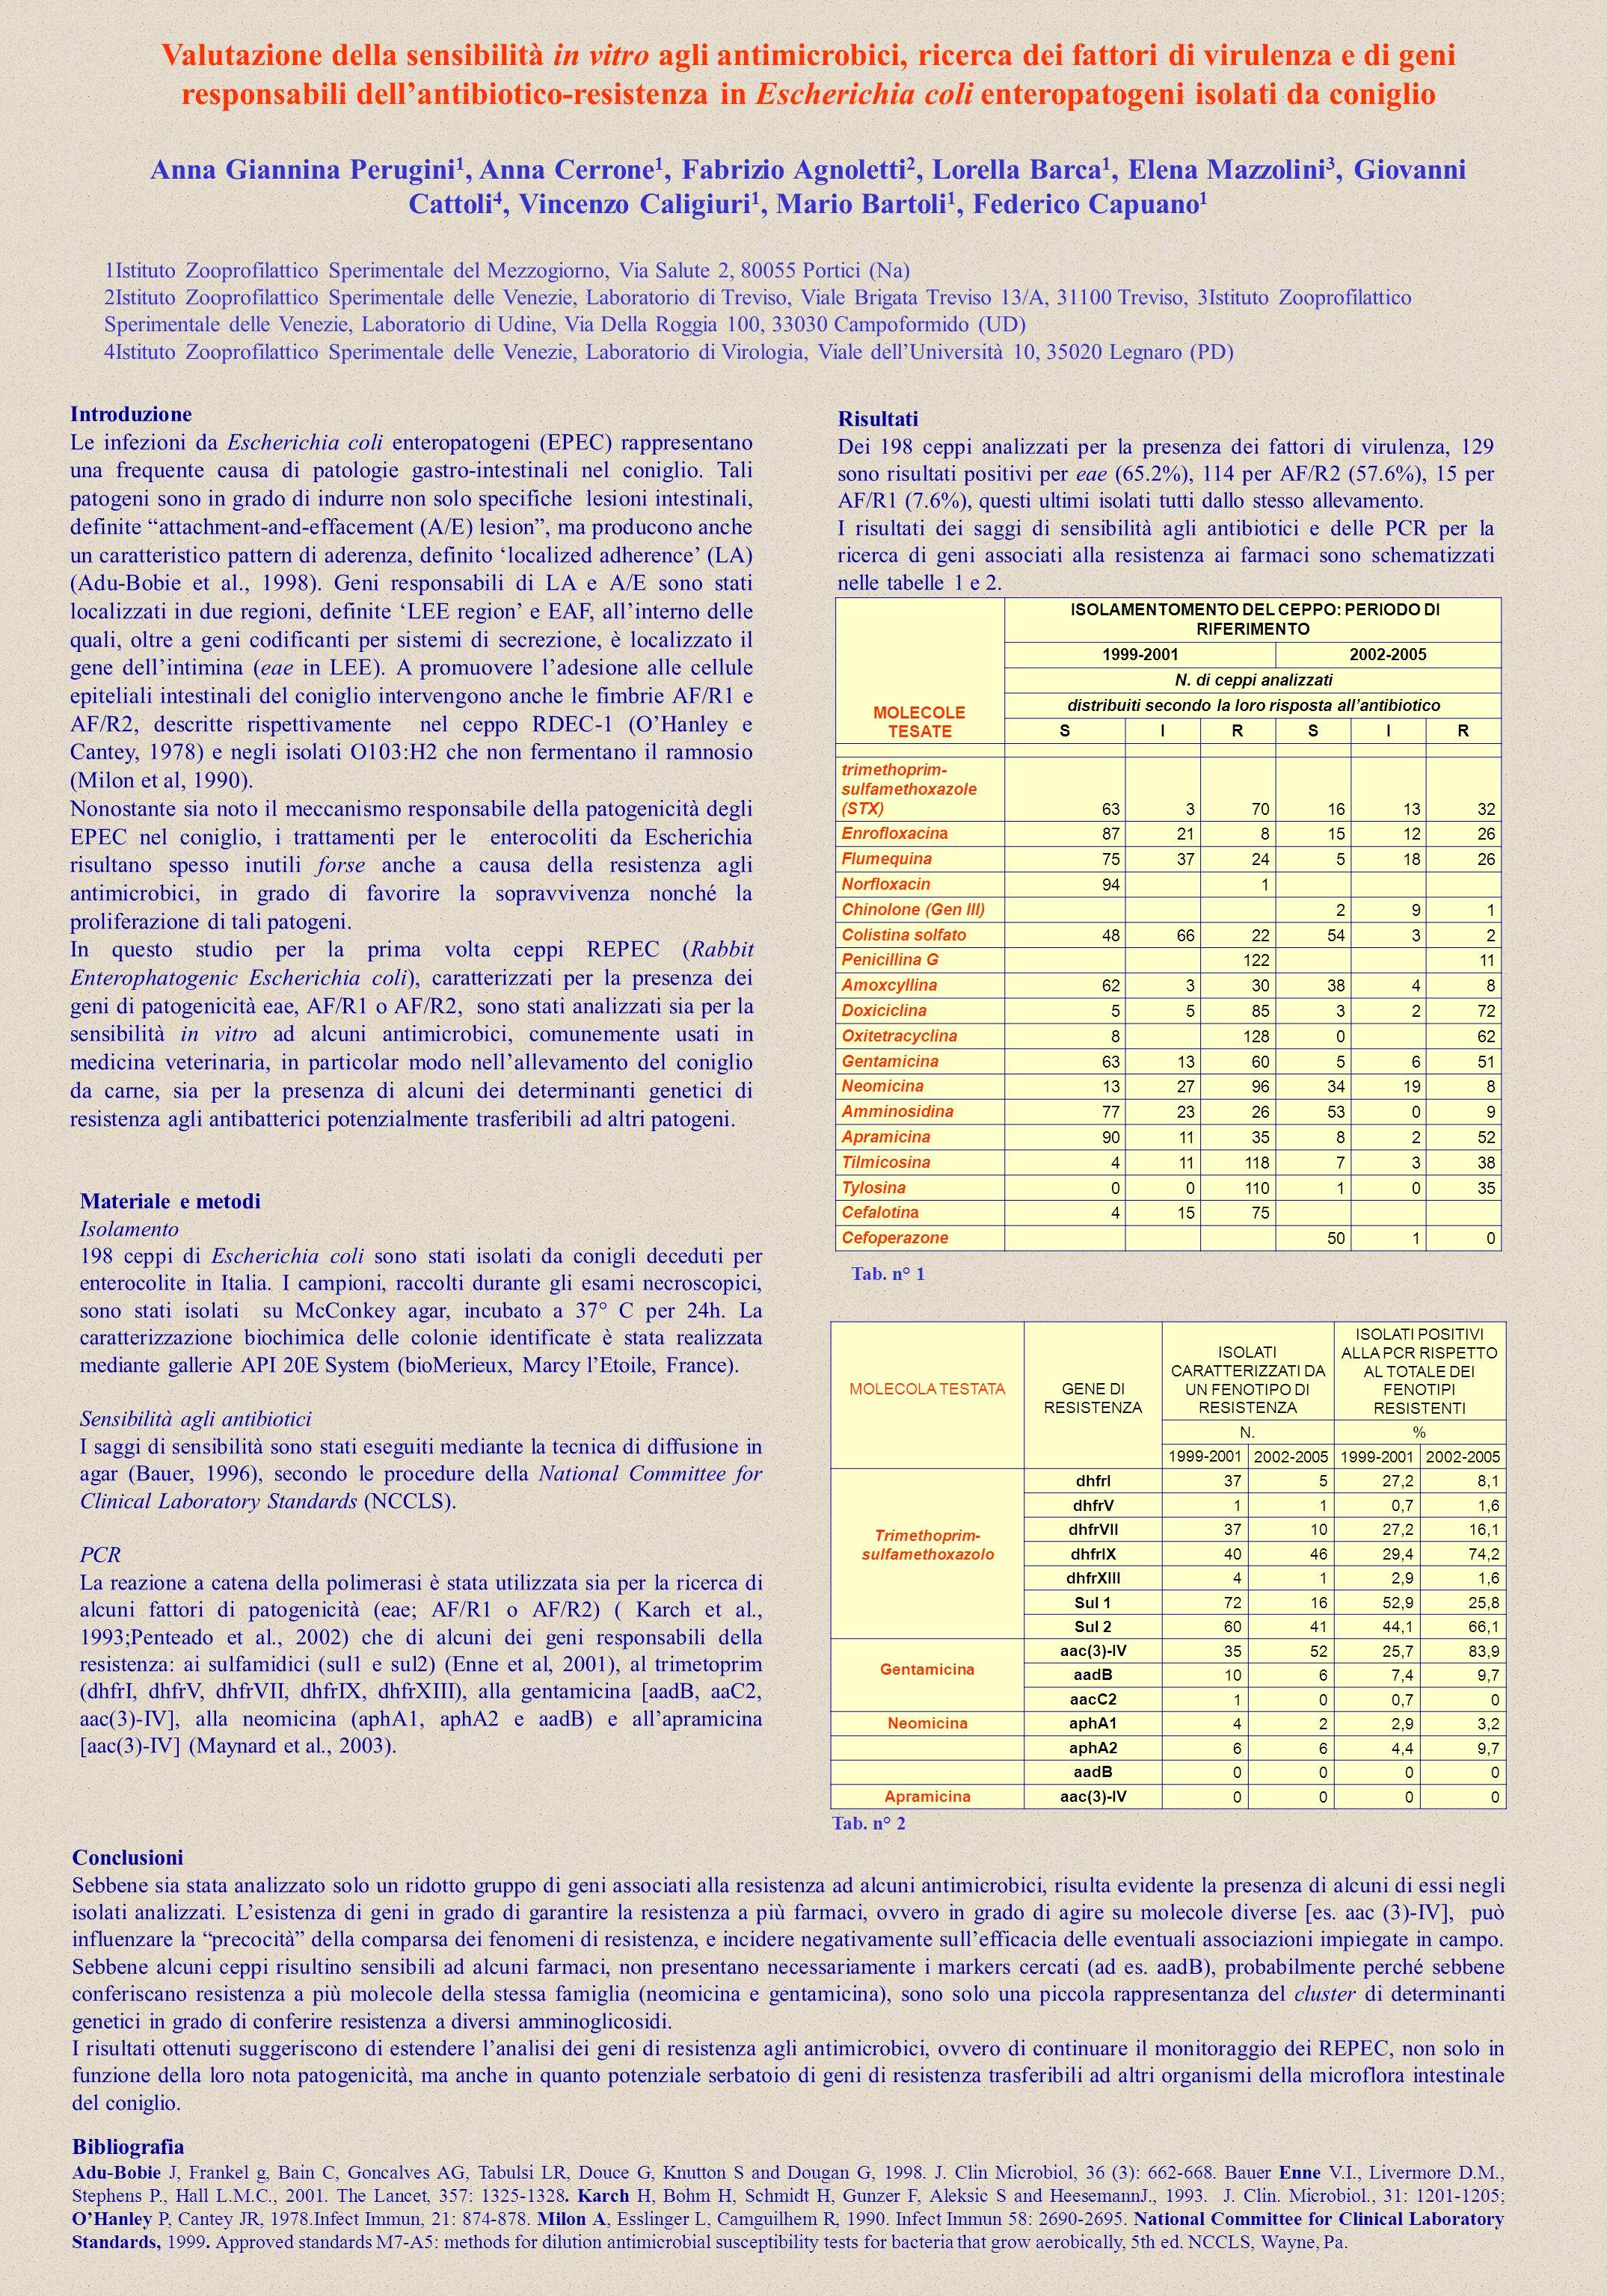 Valutazione della sensibilità in vitro agli antimicrobici, ricerca dei fattori di virulenza e di geni responsabili dellantibiotico-resistenza in Esche